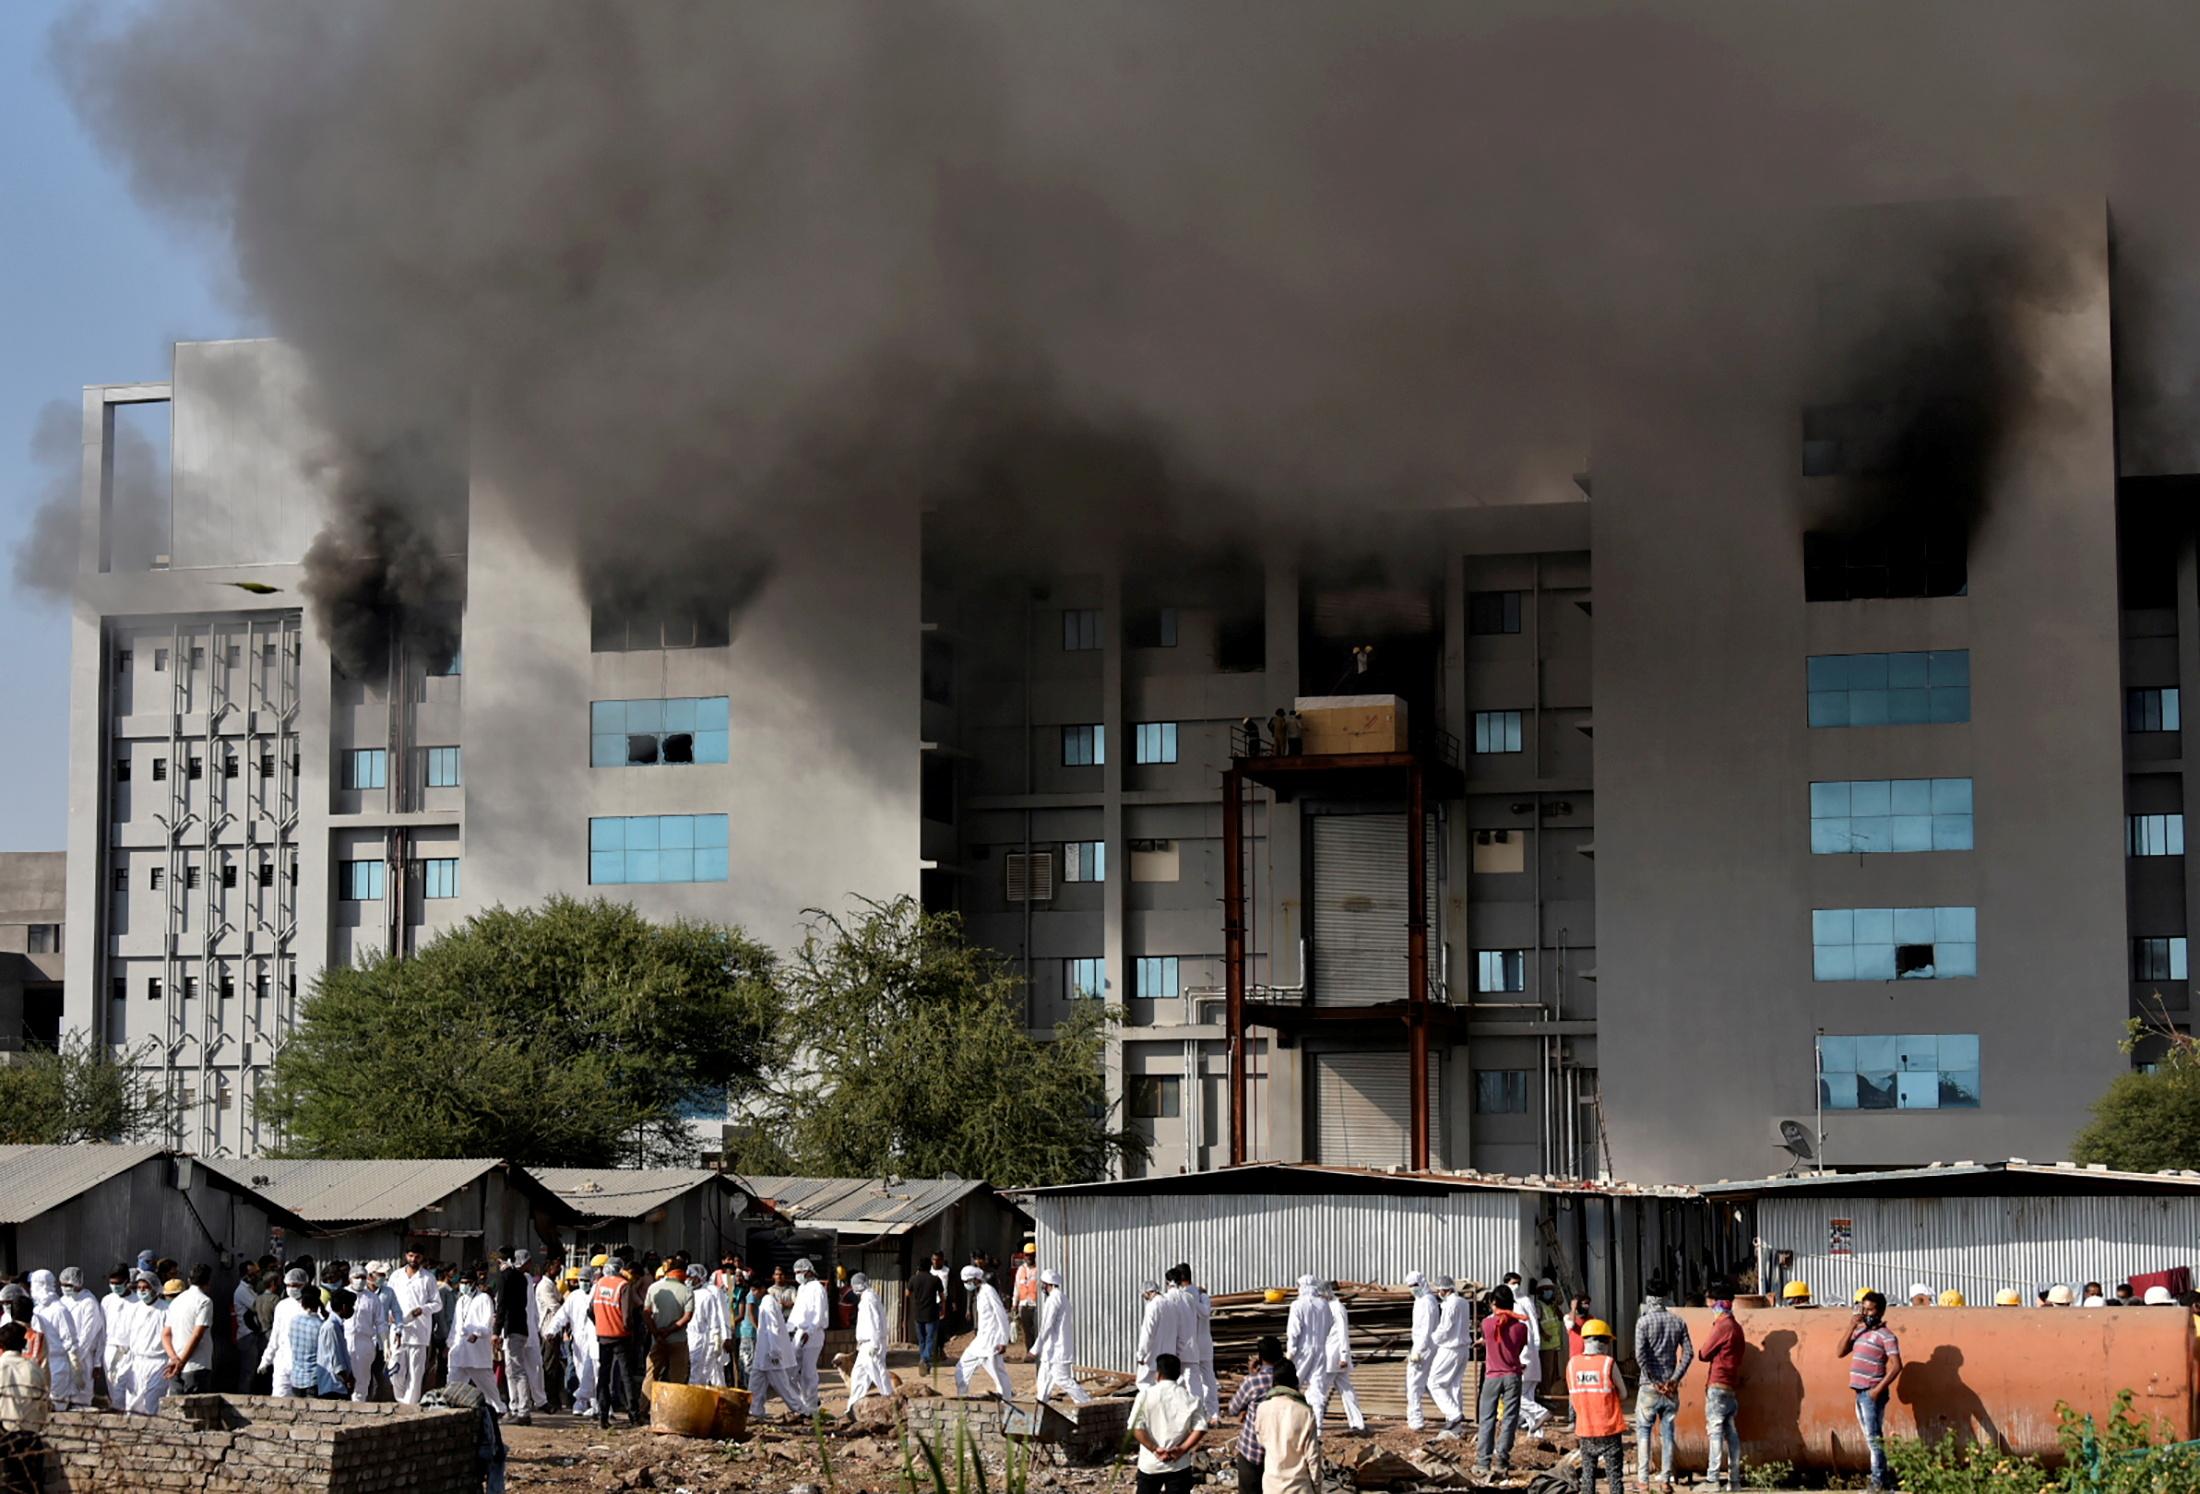 आग सीरम इंस्टीट्यूट के मंजरी प्लांट में लगी थी। इस इमारत का पिछले 5 साल से निर्माण चल रहा है। आग लगने के बाद सबसे बड़ी चुनौती वर्कर्स की सेफ्टी थी। इन्हें तुरंत इमारत से बाहर निकाला गया।